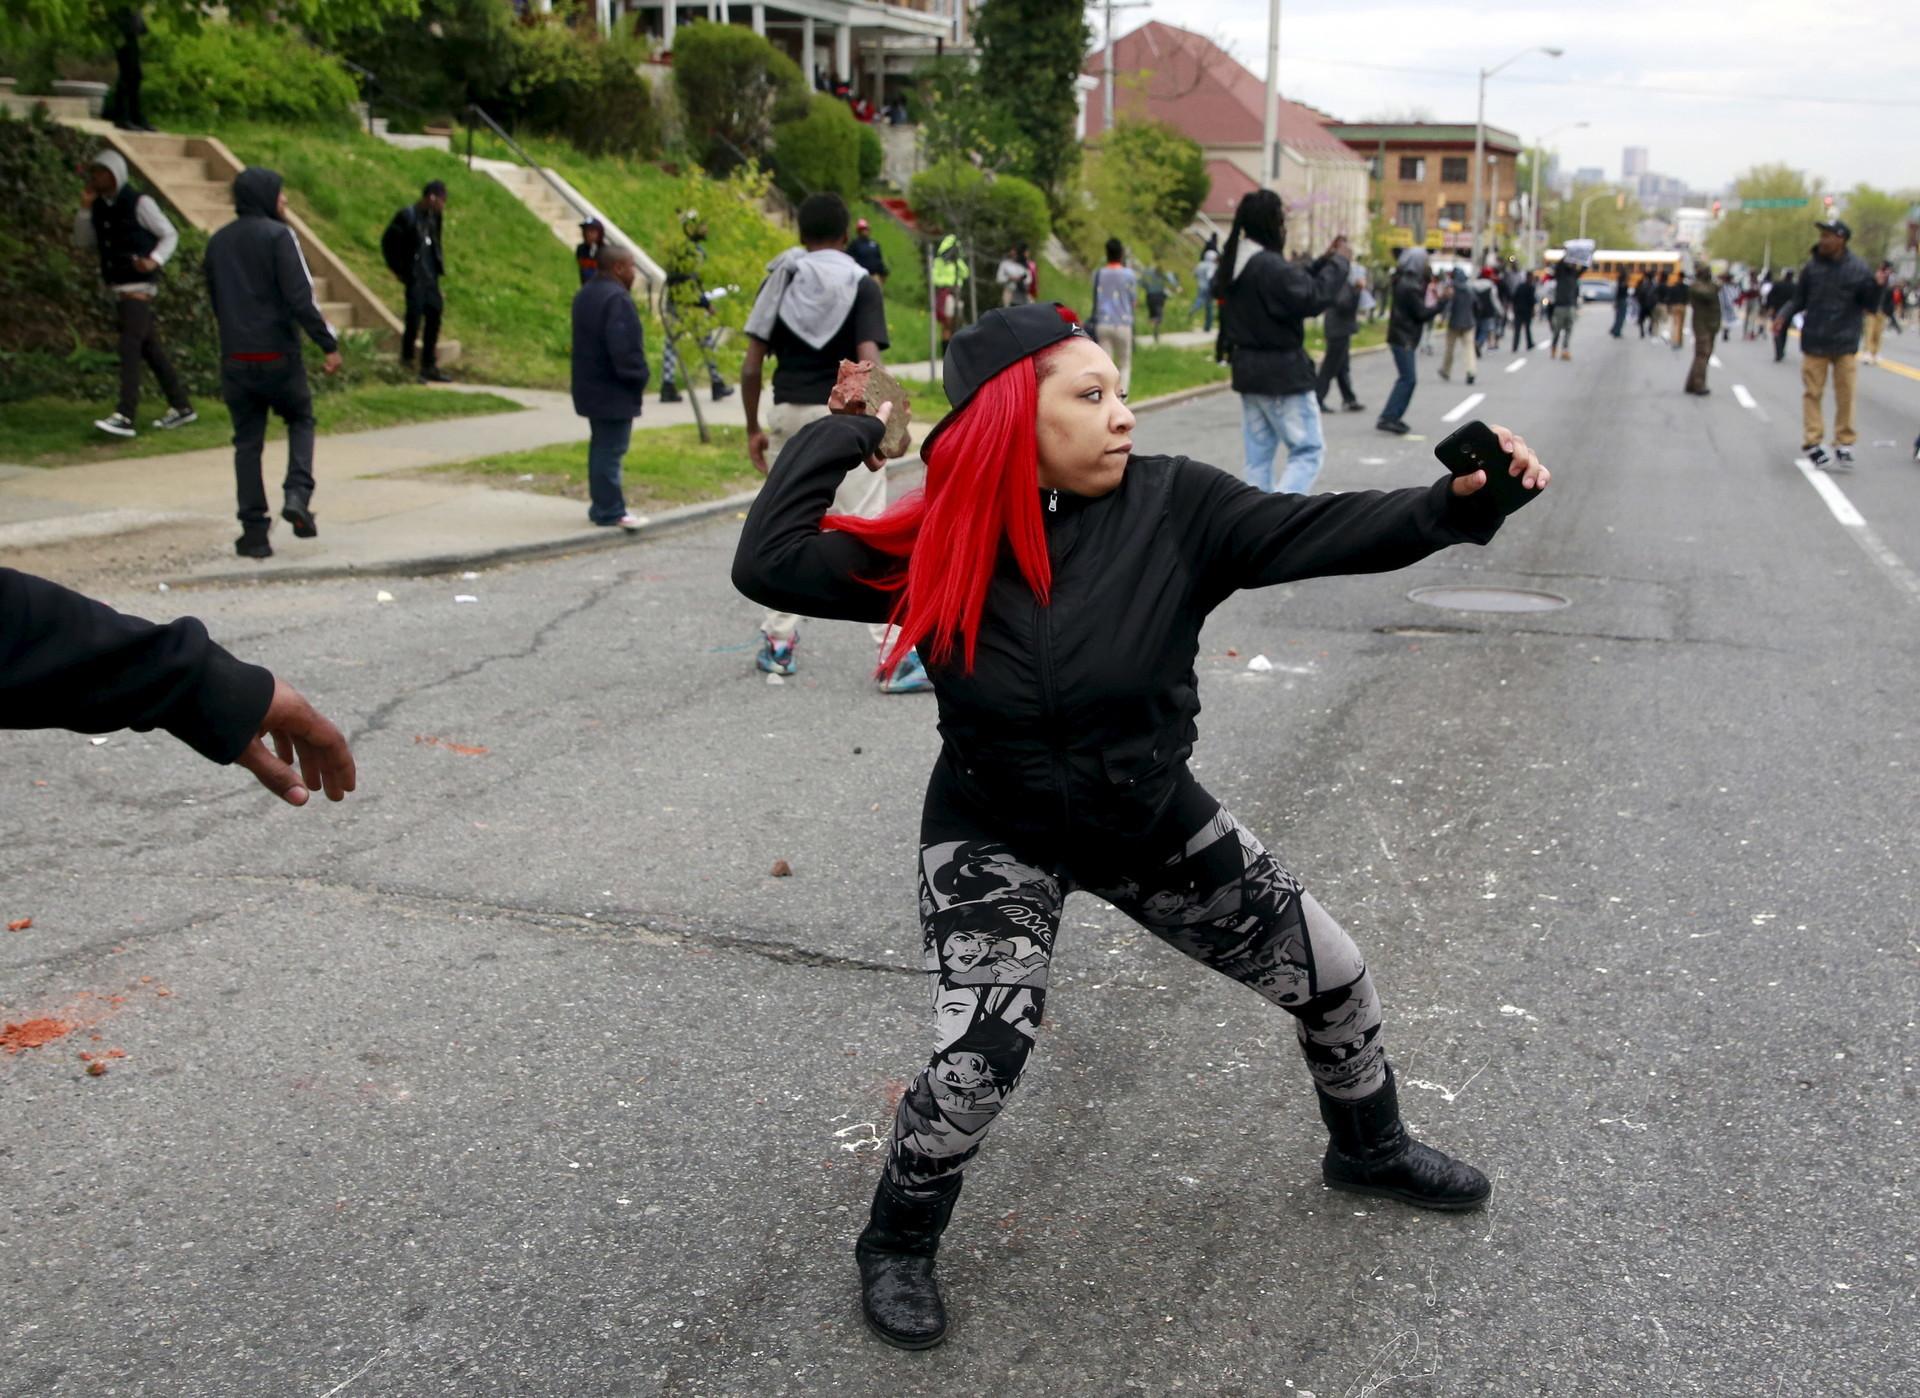 Mujer lanza piedras durante la protesta